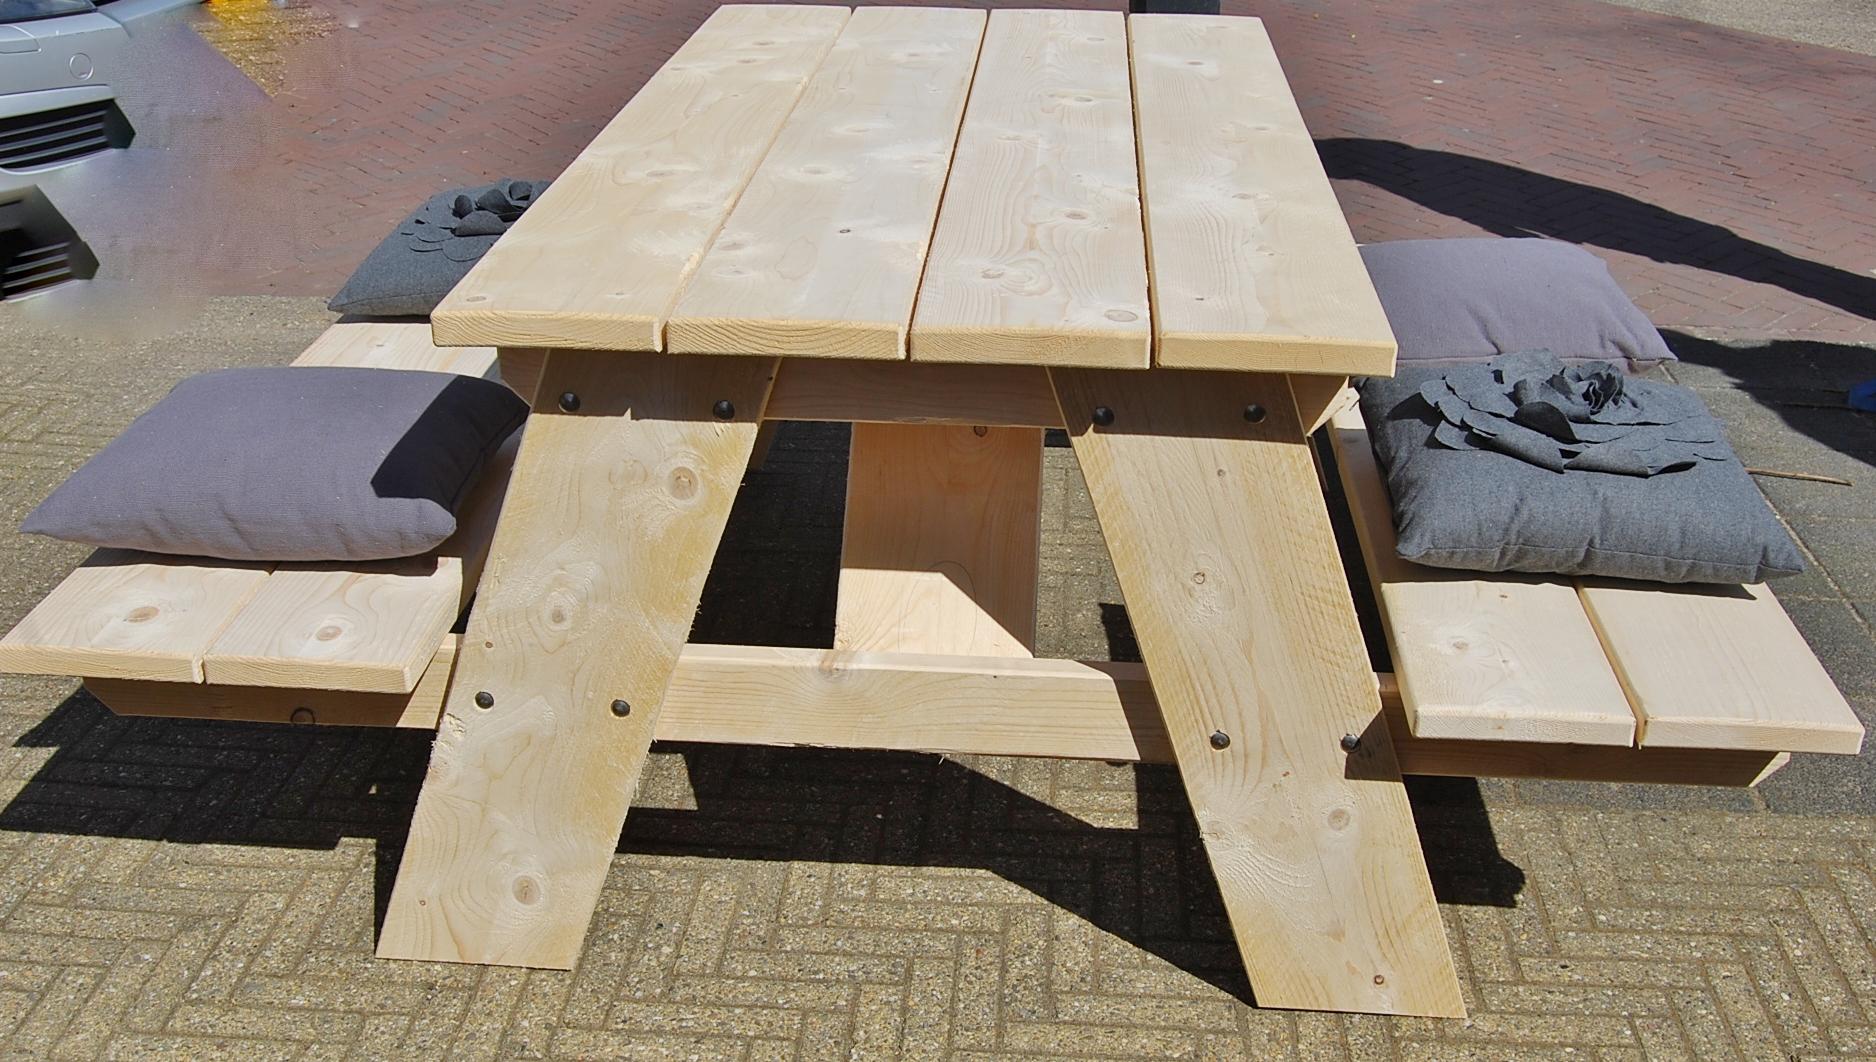 Kinder Picknick Tafel : Douglas kinder picknicktafel lars artikel stange houthandel